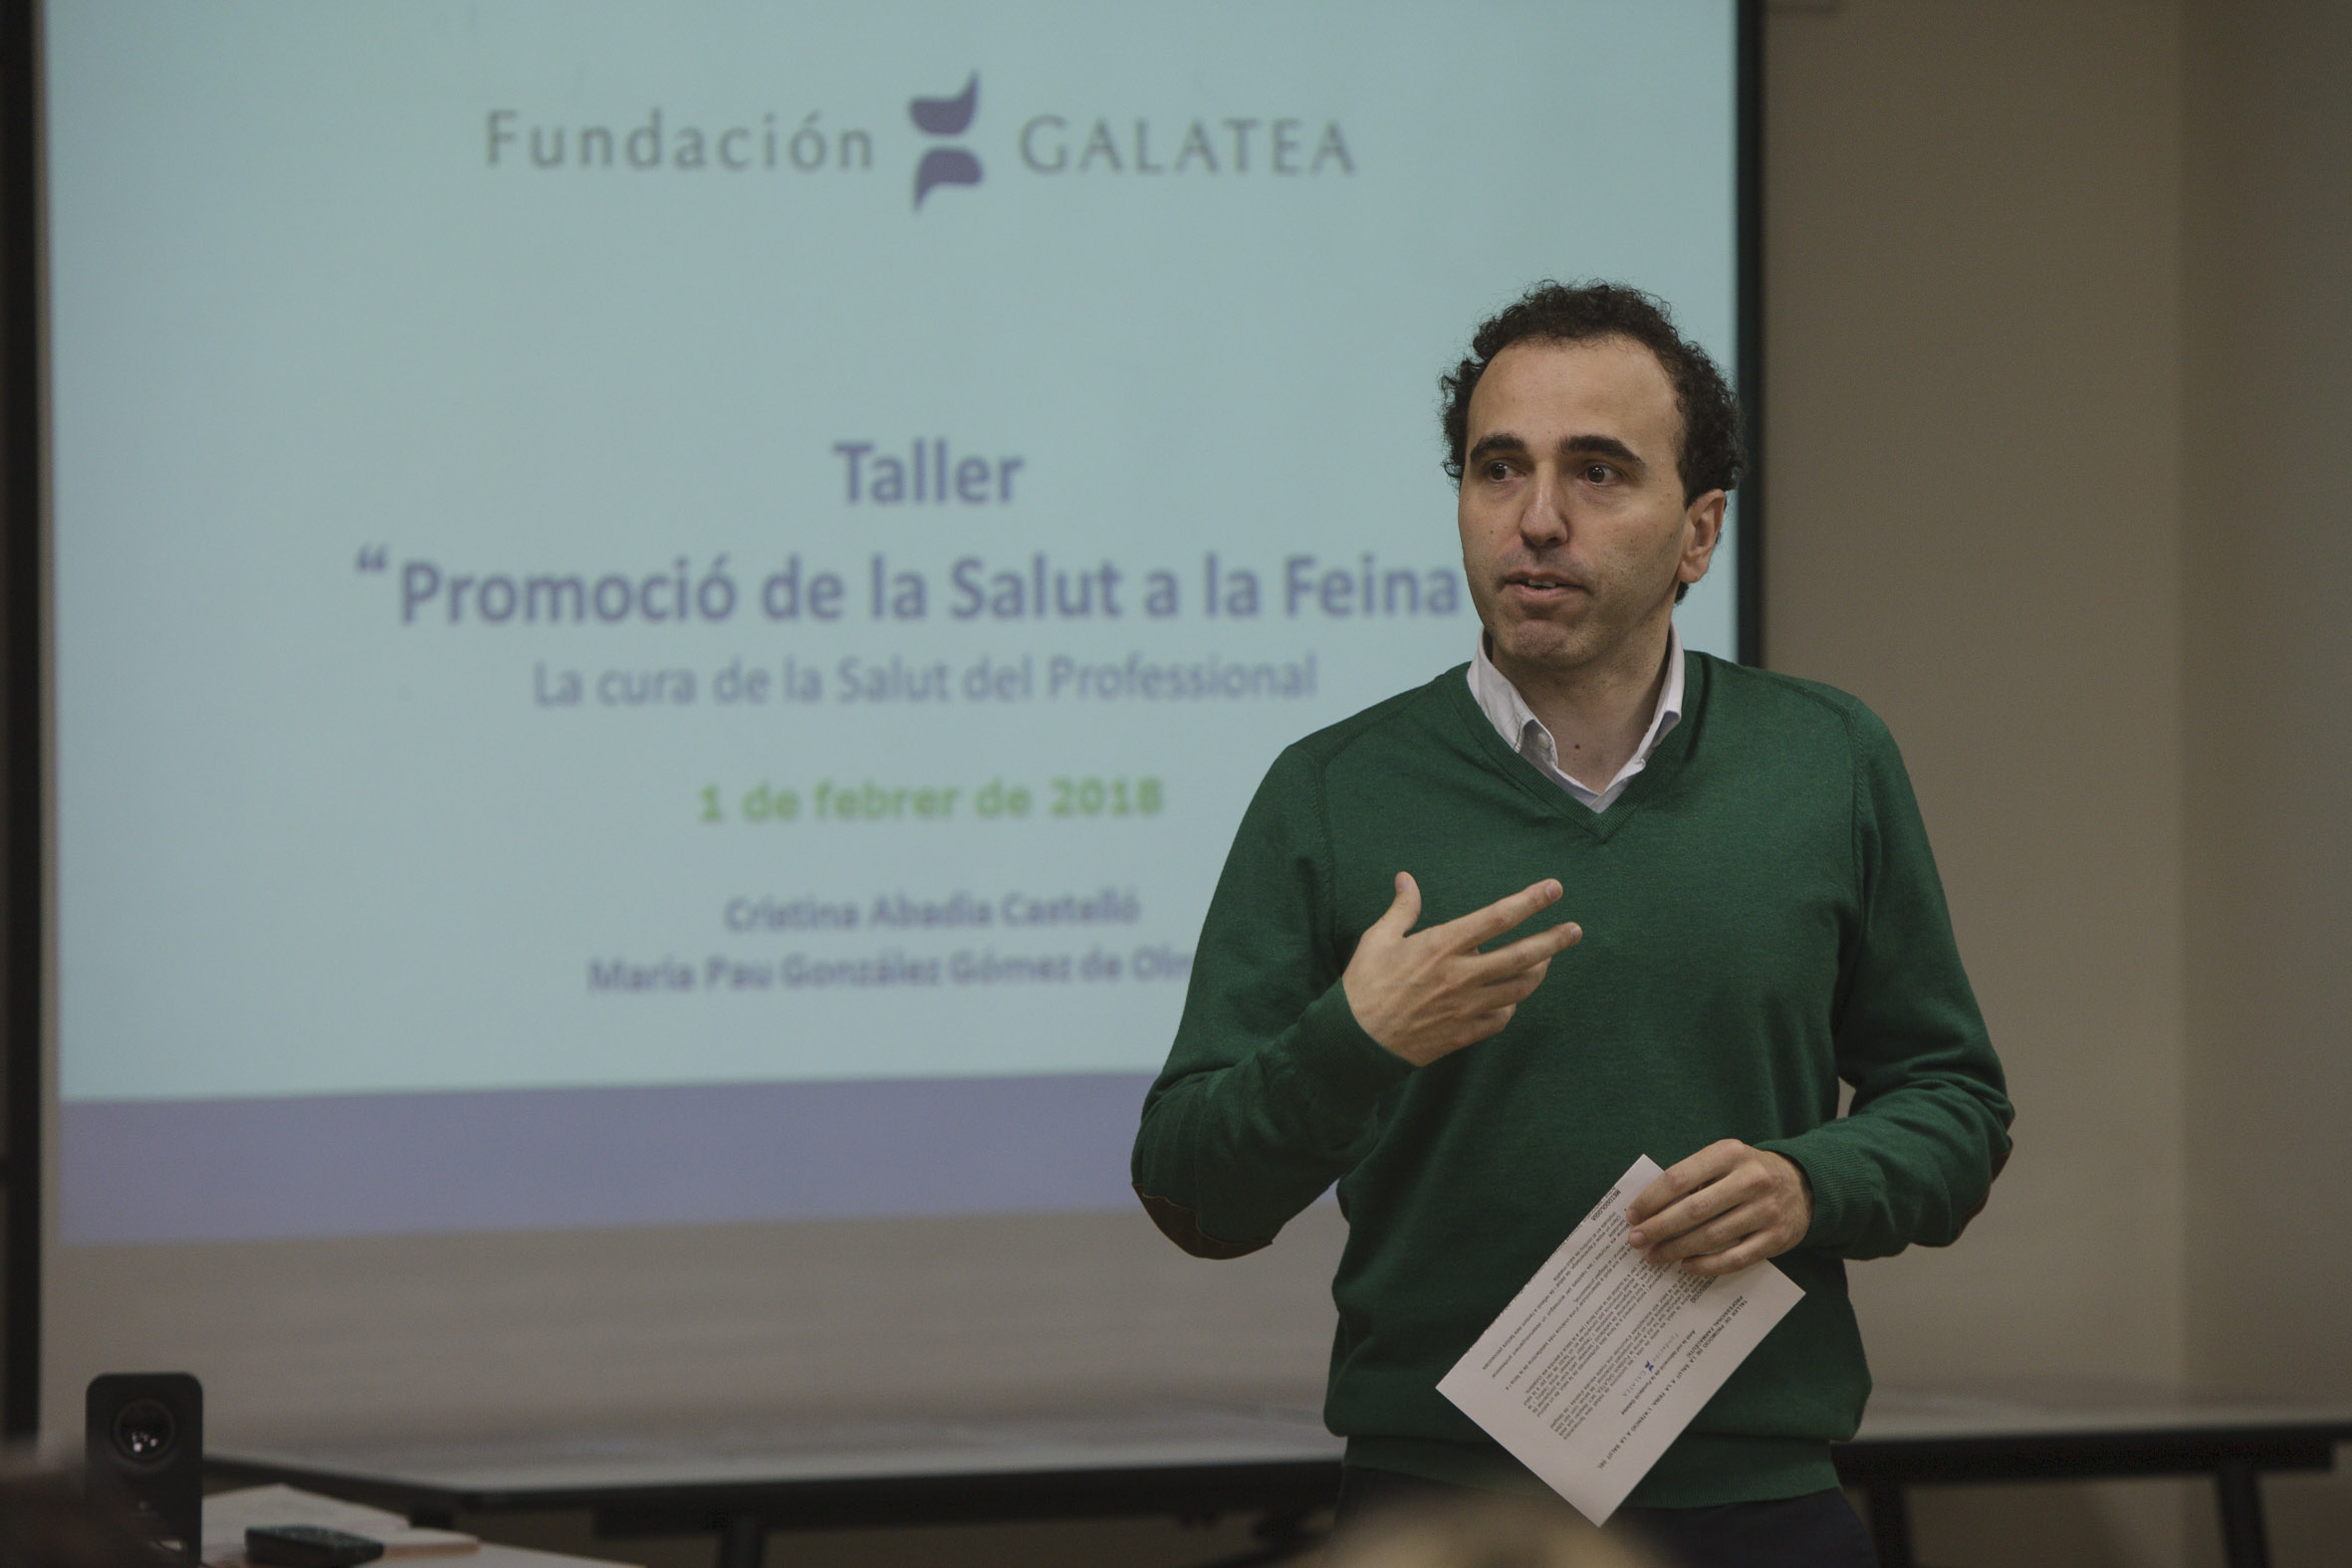 """Jordi Casas, vocal del COFB durant un moment de la presentació del taller """"Promoció de la Salut a la Feina!, organitzat per la Fundació Galatea."""